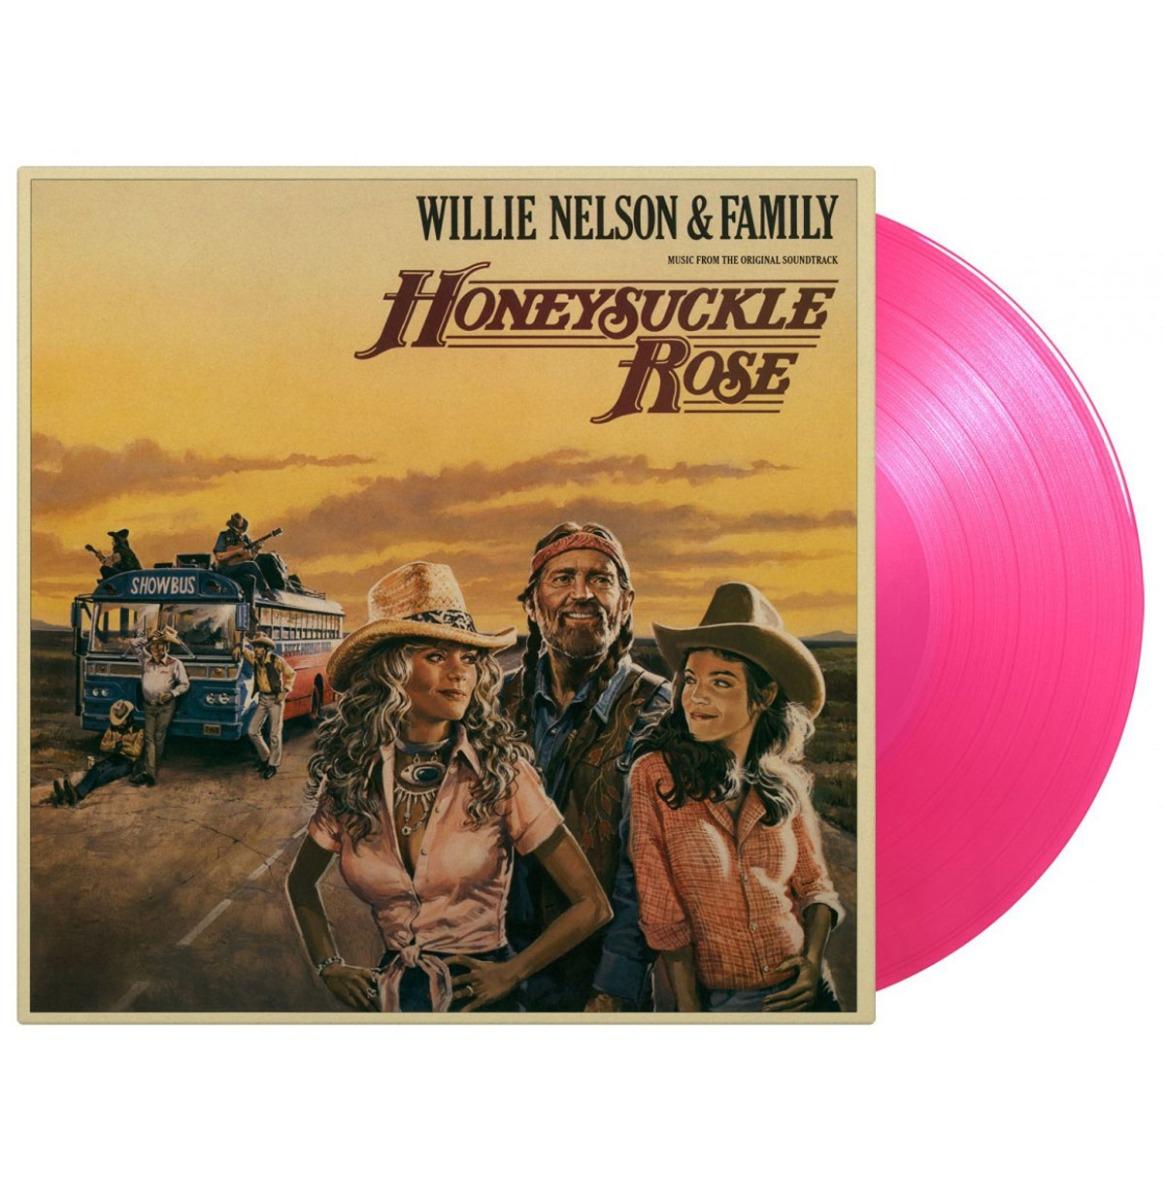 OST - Willie Nelson - Honeysuckle Rose 2-LP LIMITED Coloured Vinyl